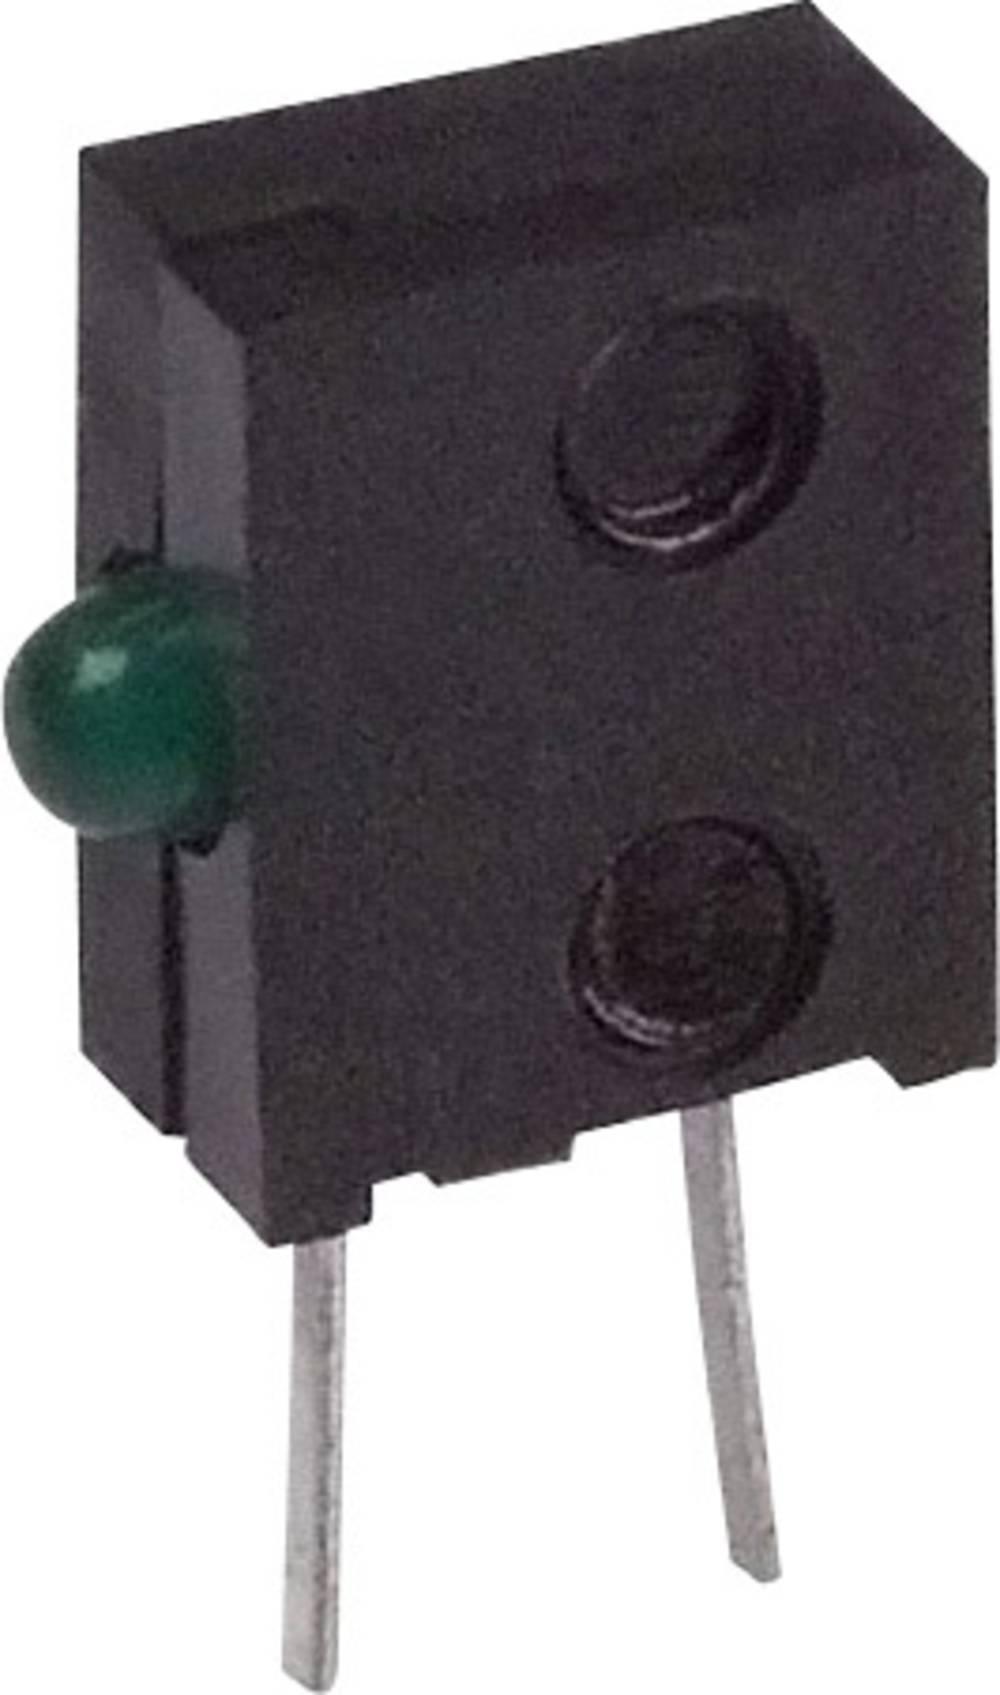 LED-komponent Broadcom (L x B x H) 11.05 x 6.6 x 2.62 mm Grøn